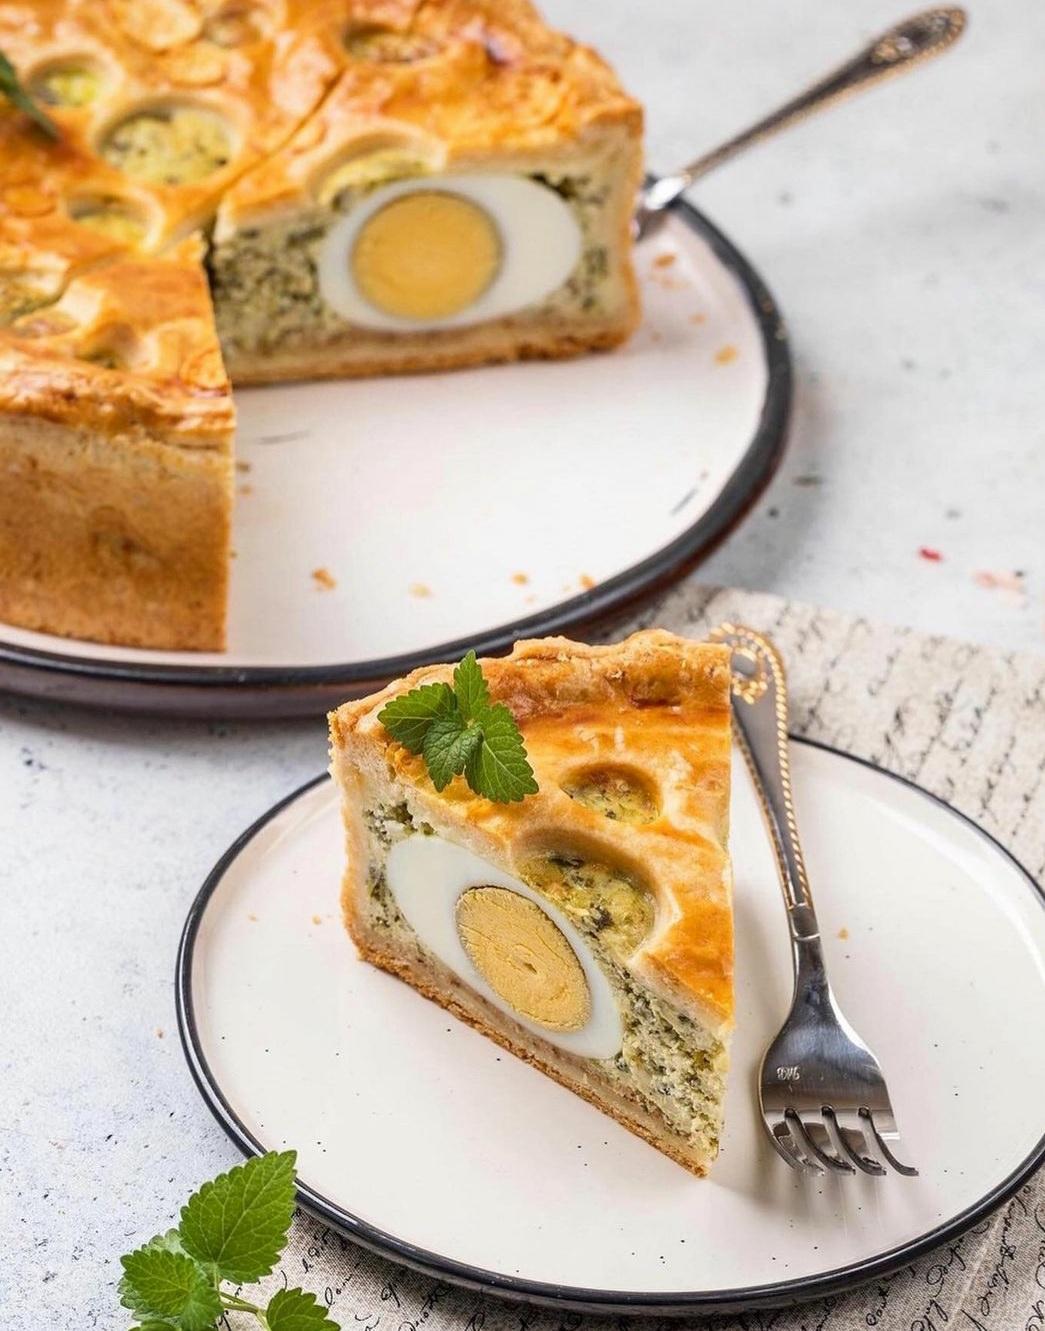 Нереально смачний та красивий пиріг з сиром, шпинатом і яйцями. Рецепт проситимуть всі, хто спробує!